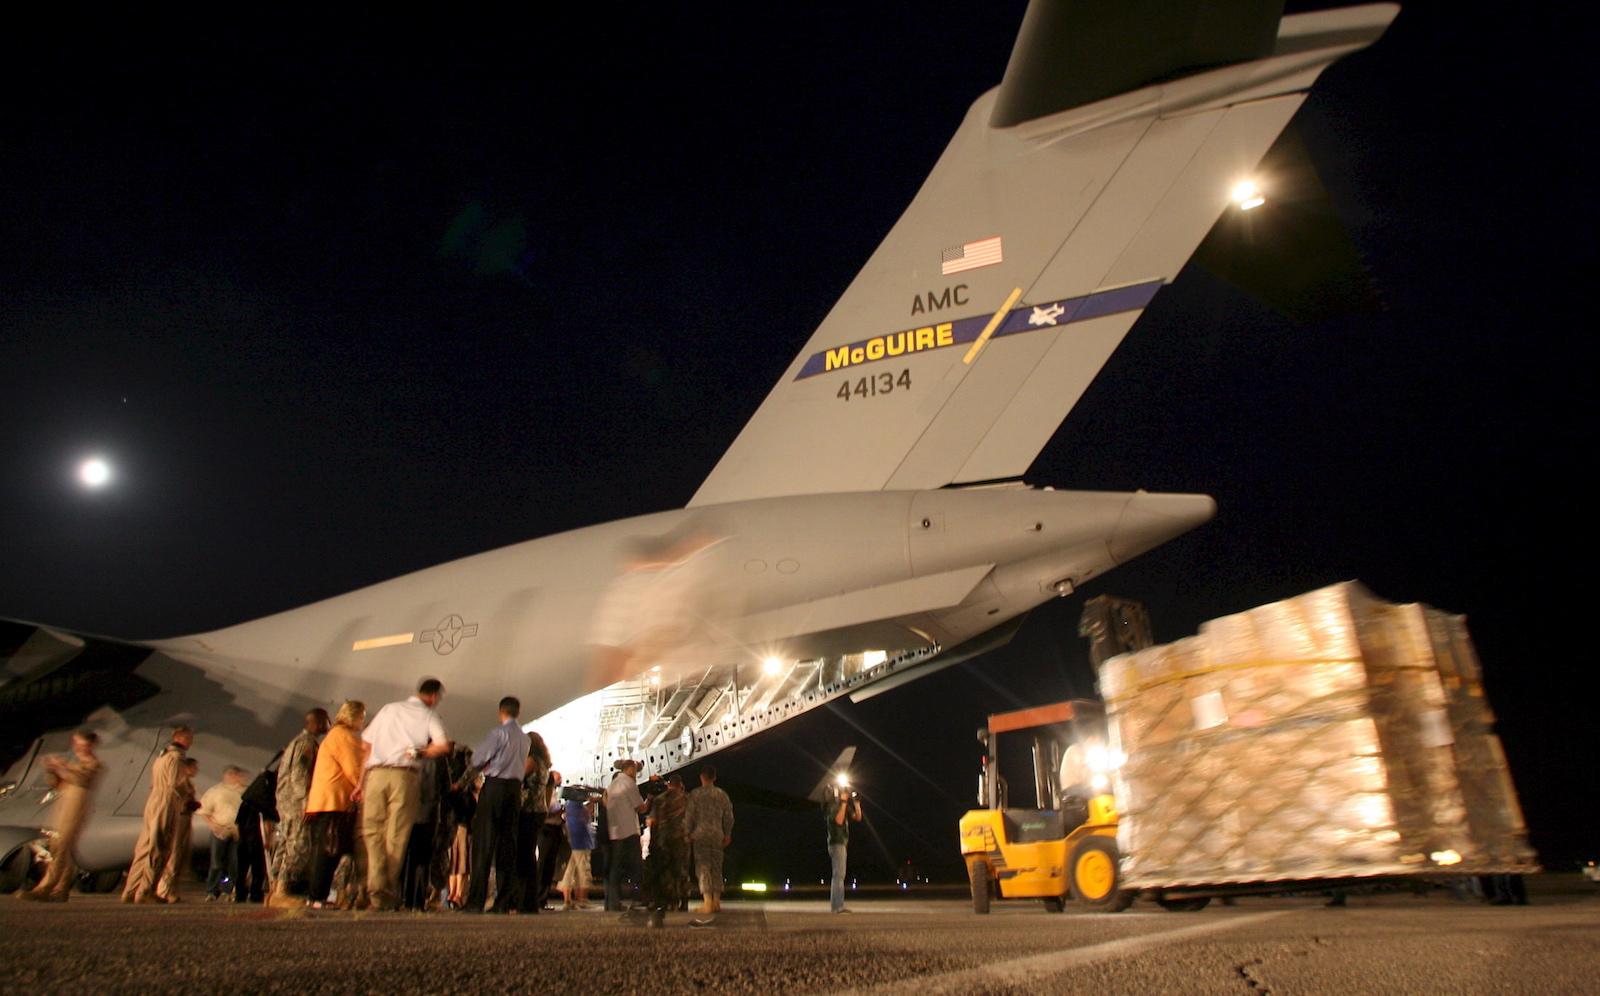 აშშ-ს ჰუმანიტარული დახმარება © EPA/ZURAB KURTSIKIDZE